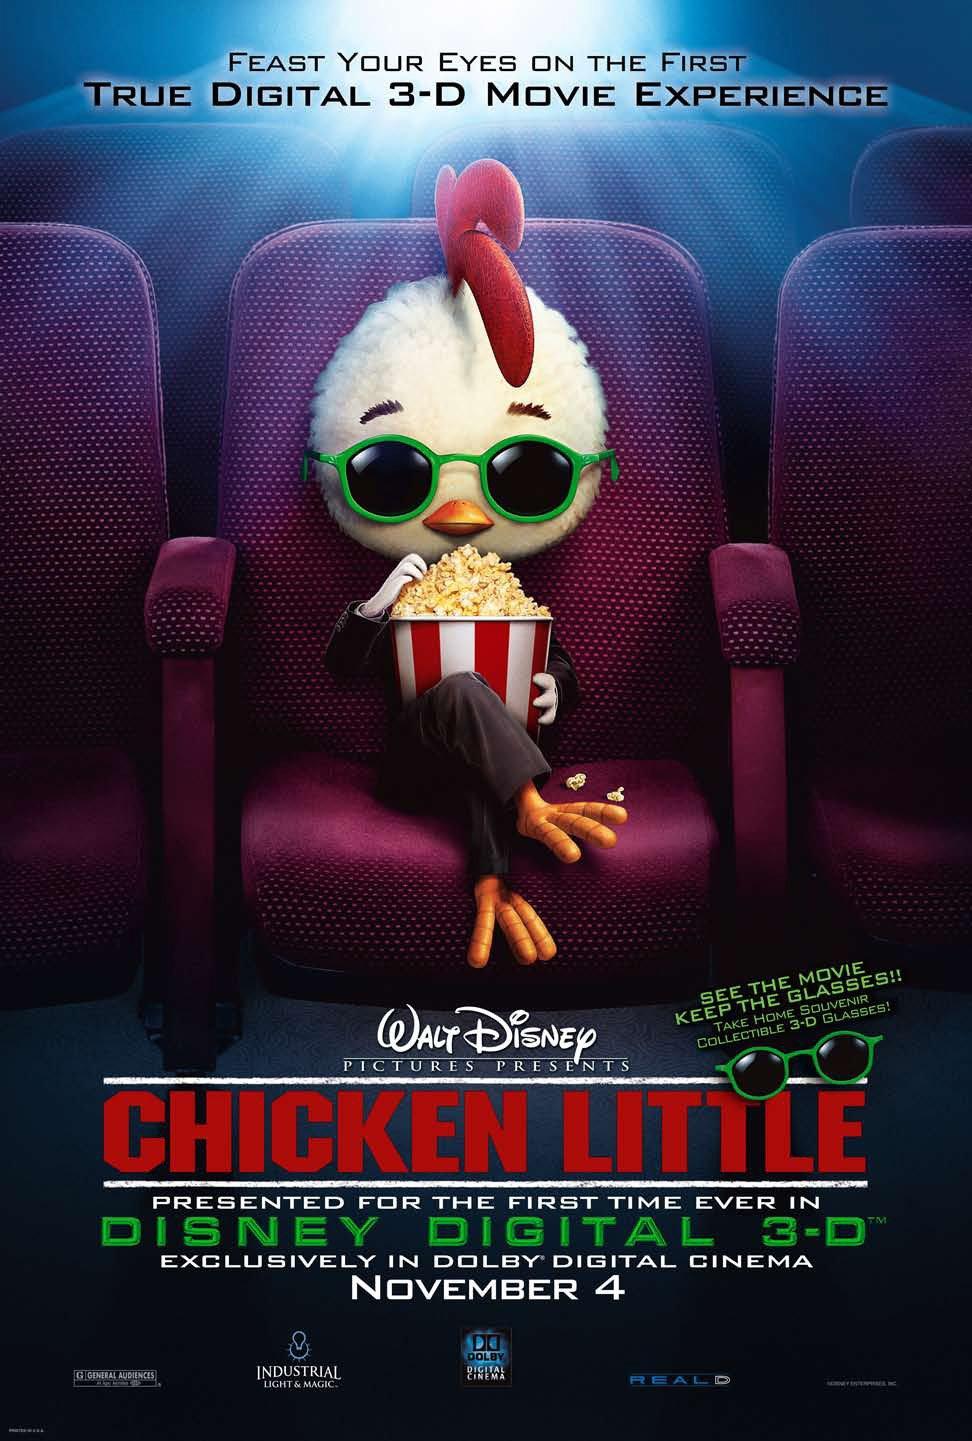 Chicken little (2005) poster